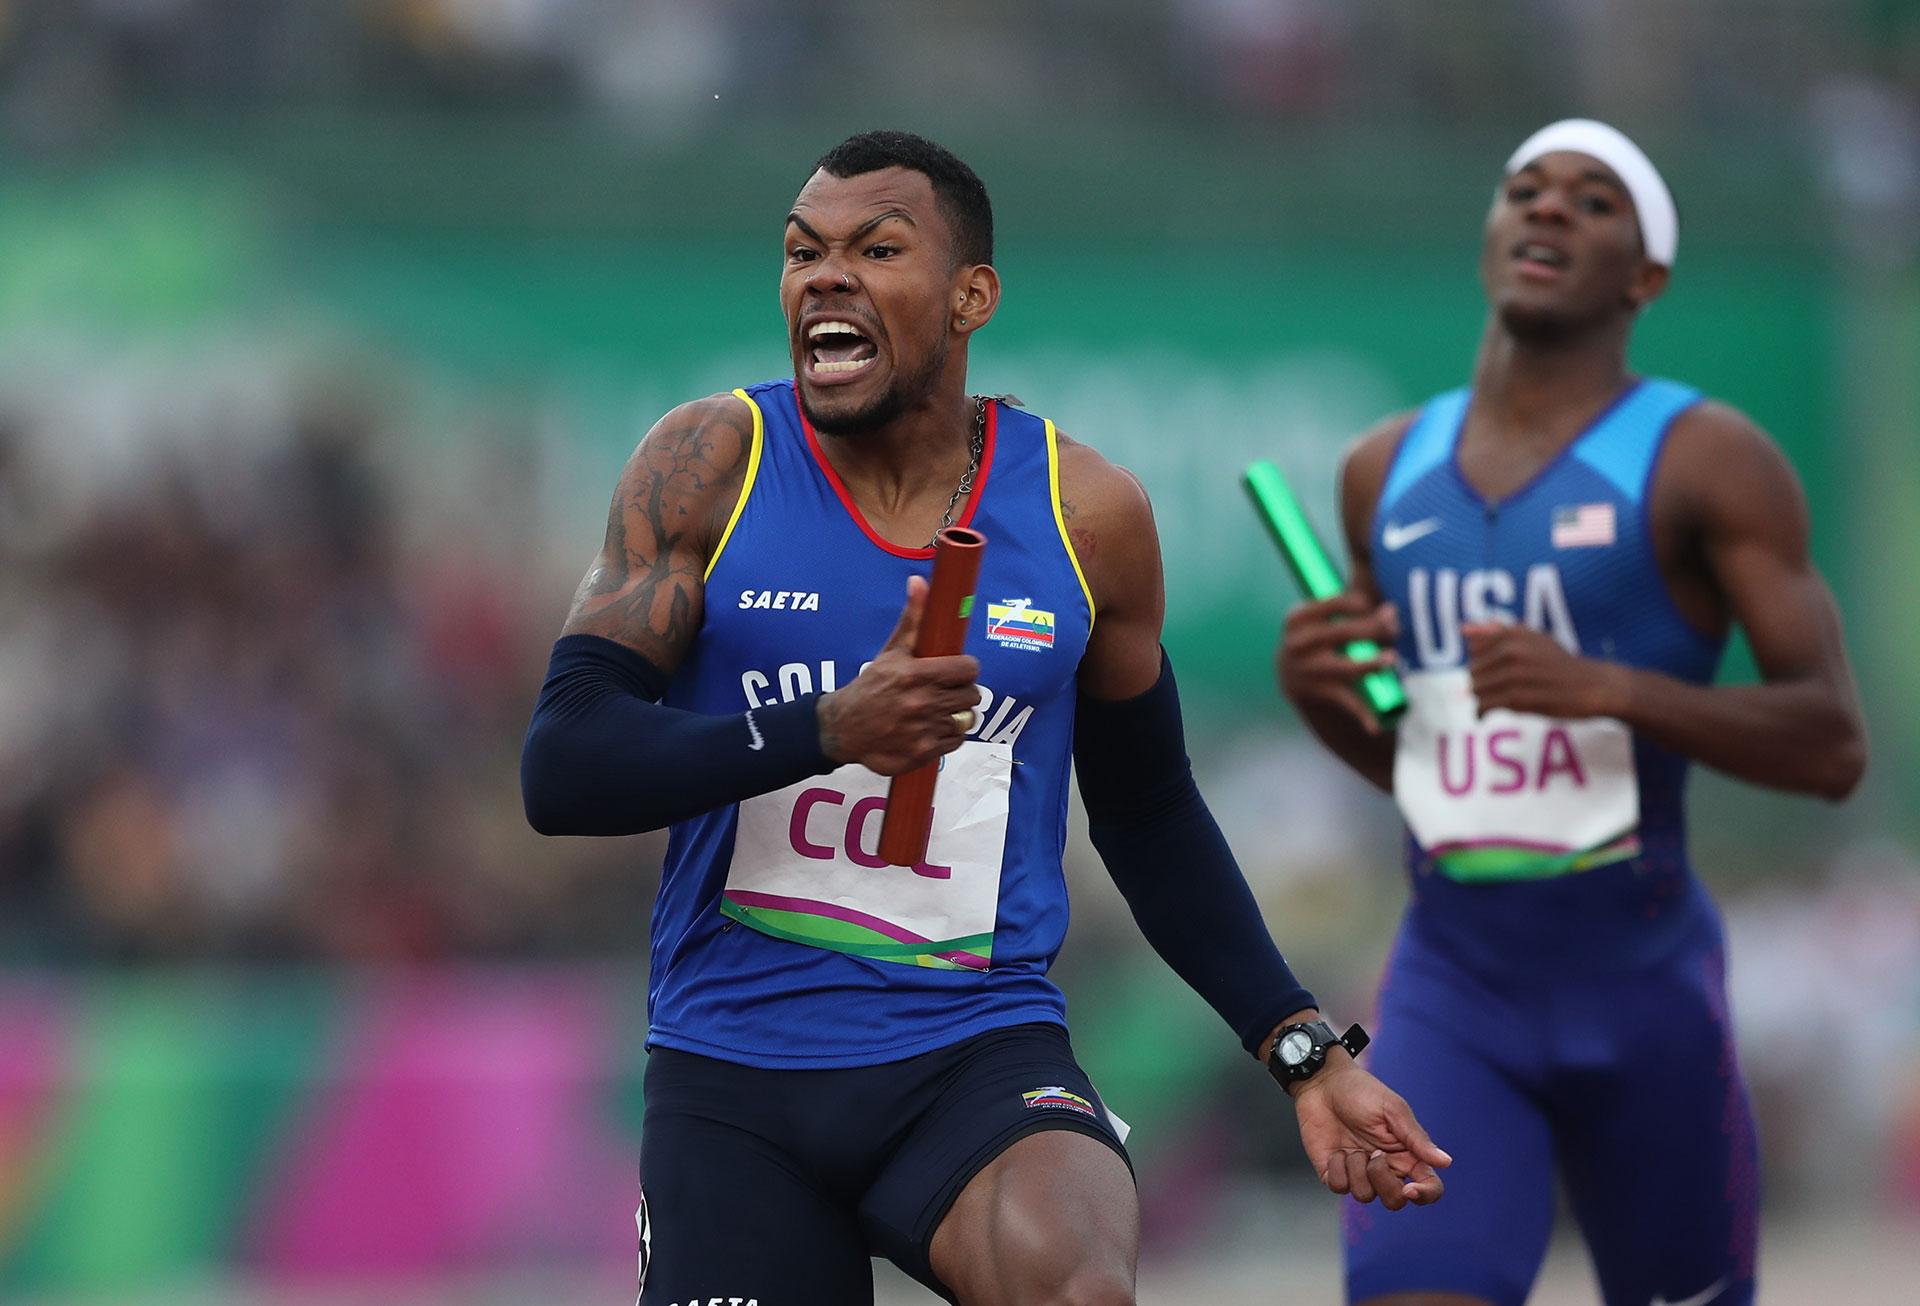 El colombiano Anthony Zambrano, al ganar la medalla de oro en la posta 4×400